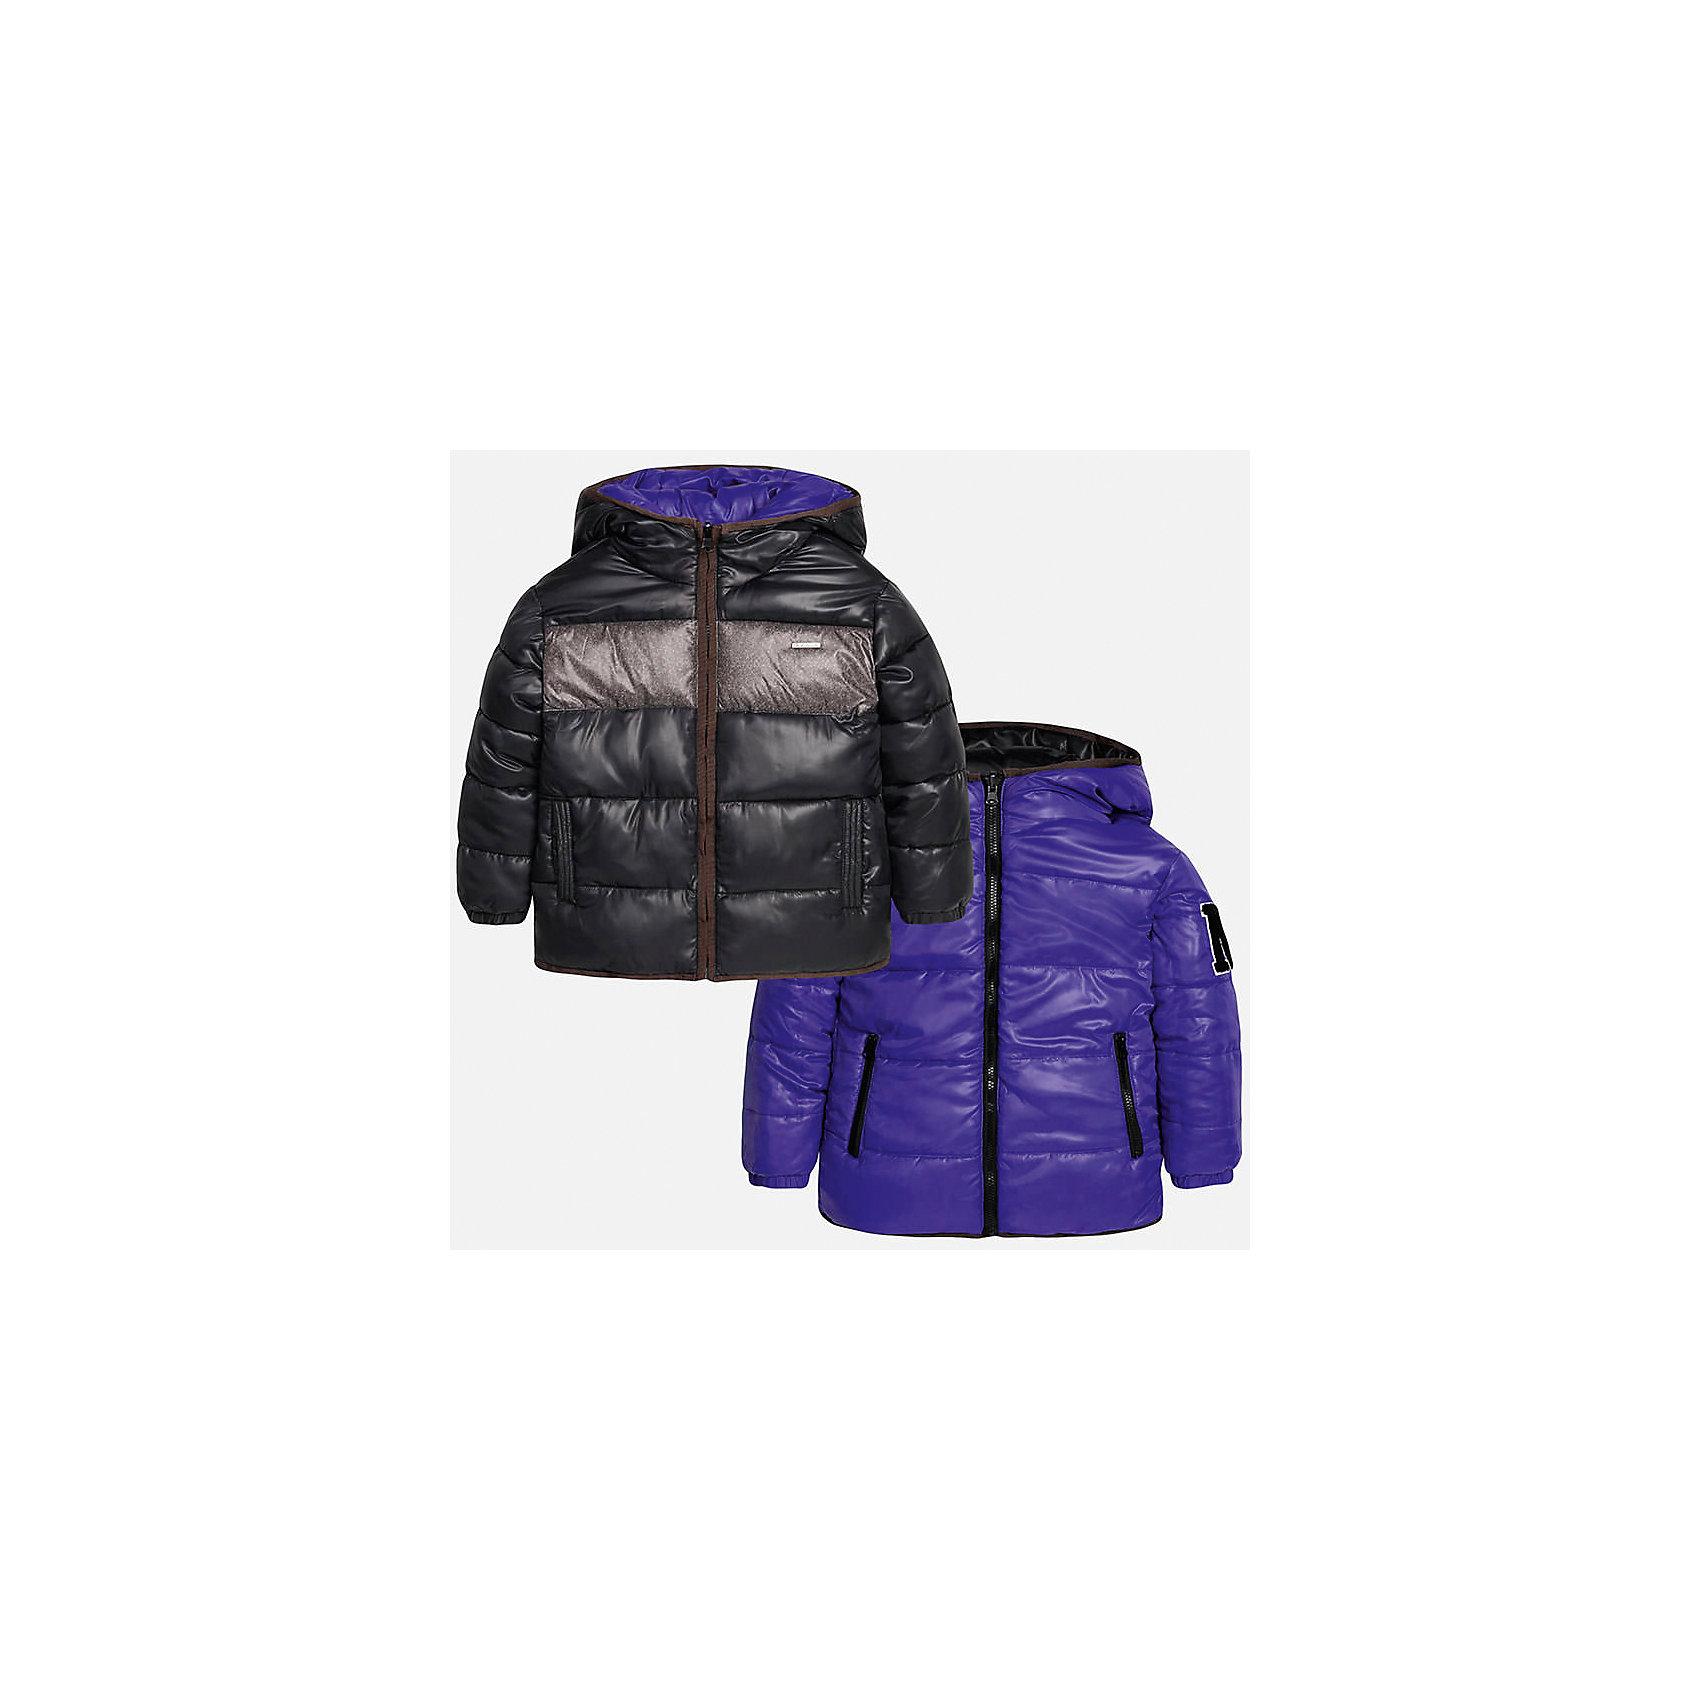 Куртка-трансформер для мальчика MayoralВерхняя одежда<br>Куртка-трансформер для мальчика из коллекции осень-зима 2016-2017 известного испанского бренда Mayoral (Майорал). Стильная и удобная куртка сразу в двух цветах придет по вкусу вашему ребенку. Яркий фиолетовый цвет можно сменить на классический черный с пестрой серой полосой, цвета отлично сочетаются с дизайном куртки. Материал куртки – непромокаемая и непродуваемая плащевая ткань, в качестве утеплителя использован синтепон. Куртка застегивается на молнию, а также имеет 4 кармана (два внутренних, два внешних) и махровую нашивку с дизайном. Эта куртка отлично подойдет к брюкам, а также к джинсам или штанам спортивного стиля.<br><br>Дополнительная информация:<br><br>- Рукав: длинный<br>- Силуэт: прямой<br>- Утеплитель: синтепон<br>Состав: полиэстер 100%<br>Куртку-трансформер для мальчиков Mayoral (Майорал) можно купить в нашем интернет-магазине.<br><br>Подробнее:<br>• Для детей в возрасте: от 10 до 16 лет<br>• Номер товара: 4827163<br>Страна производитель: Китай<br><br>Ширина мм: 356<br>Глубина мм: 10<br>Высота мм: 245<br>Вес г: 519<br>Цвет: синий<br>Возраст от месяцев: 108<br>Возраст до месяцев: 120<br>Пол: Мужской<br>Возраст: Детский<br>Размер: 140/146,146/152,152/158,164/170,158/164,128/134<br>SKU: 4827162